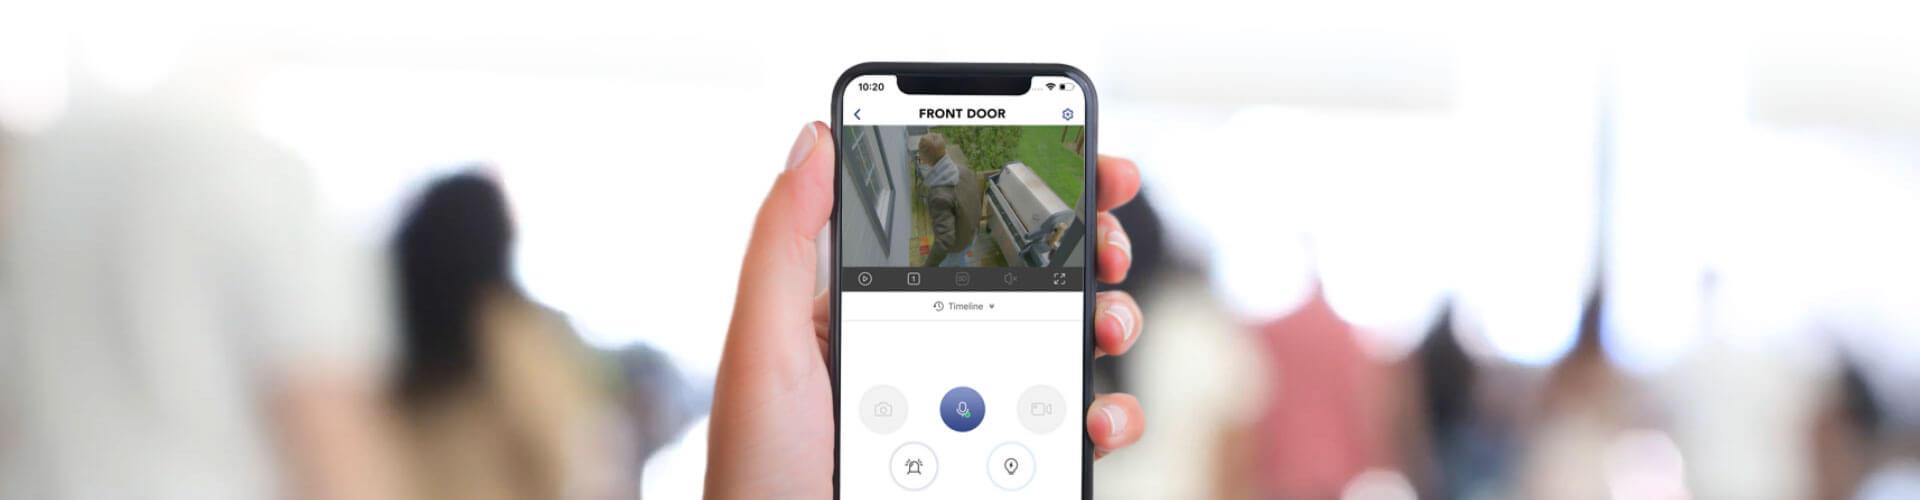 Lorex Home Wi-Fi Camera App